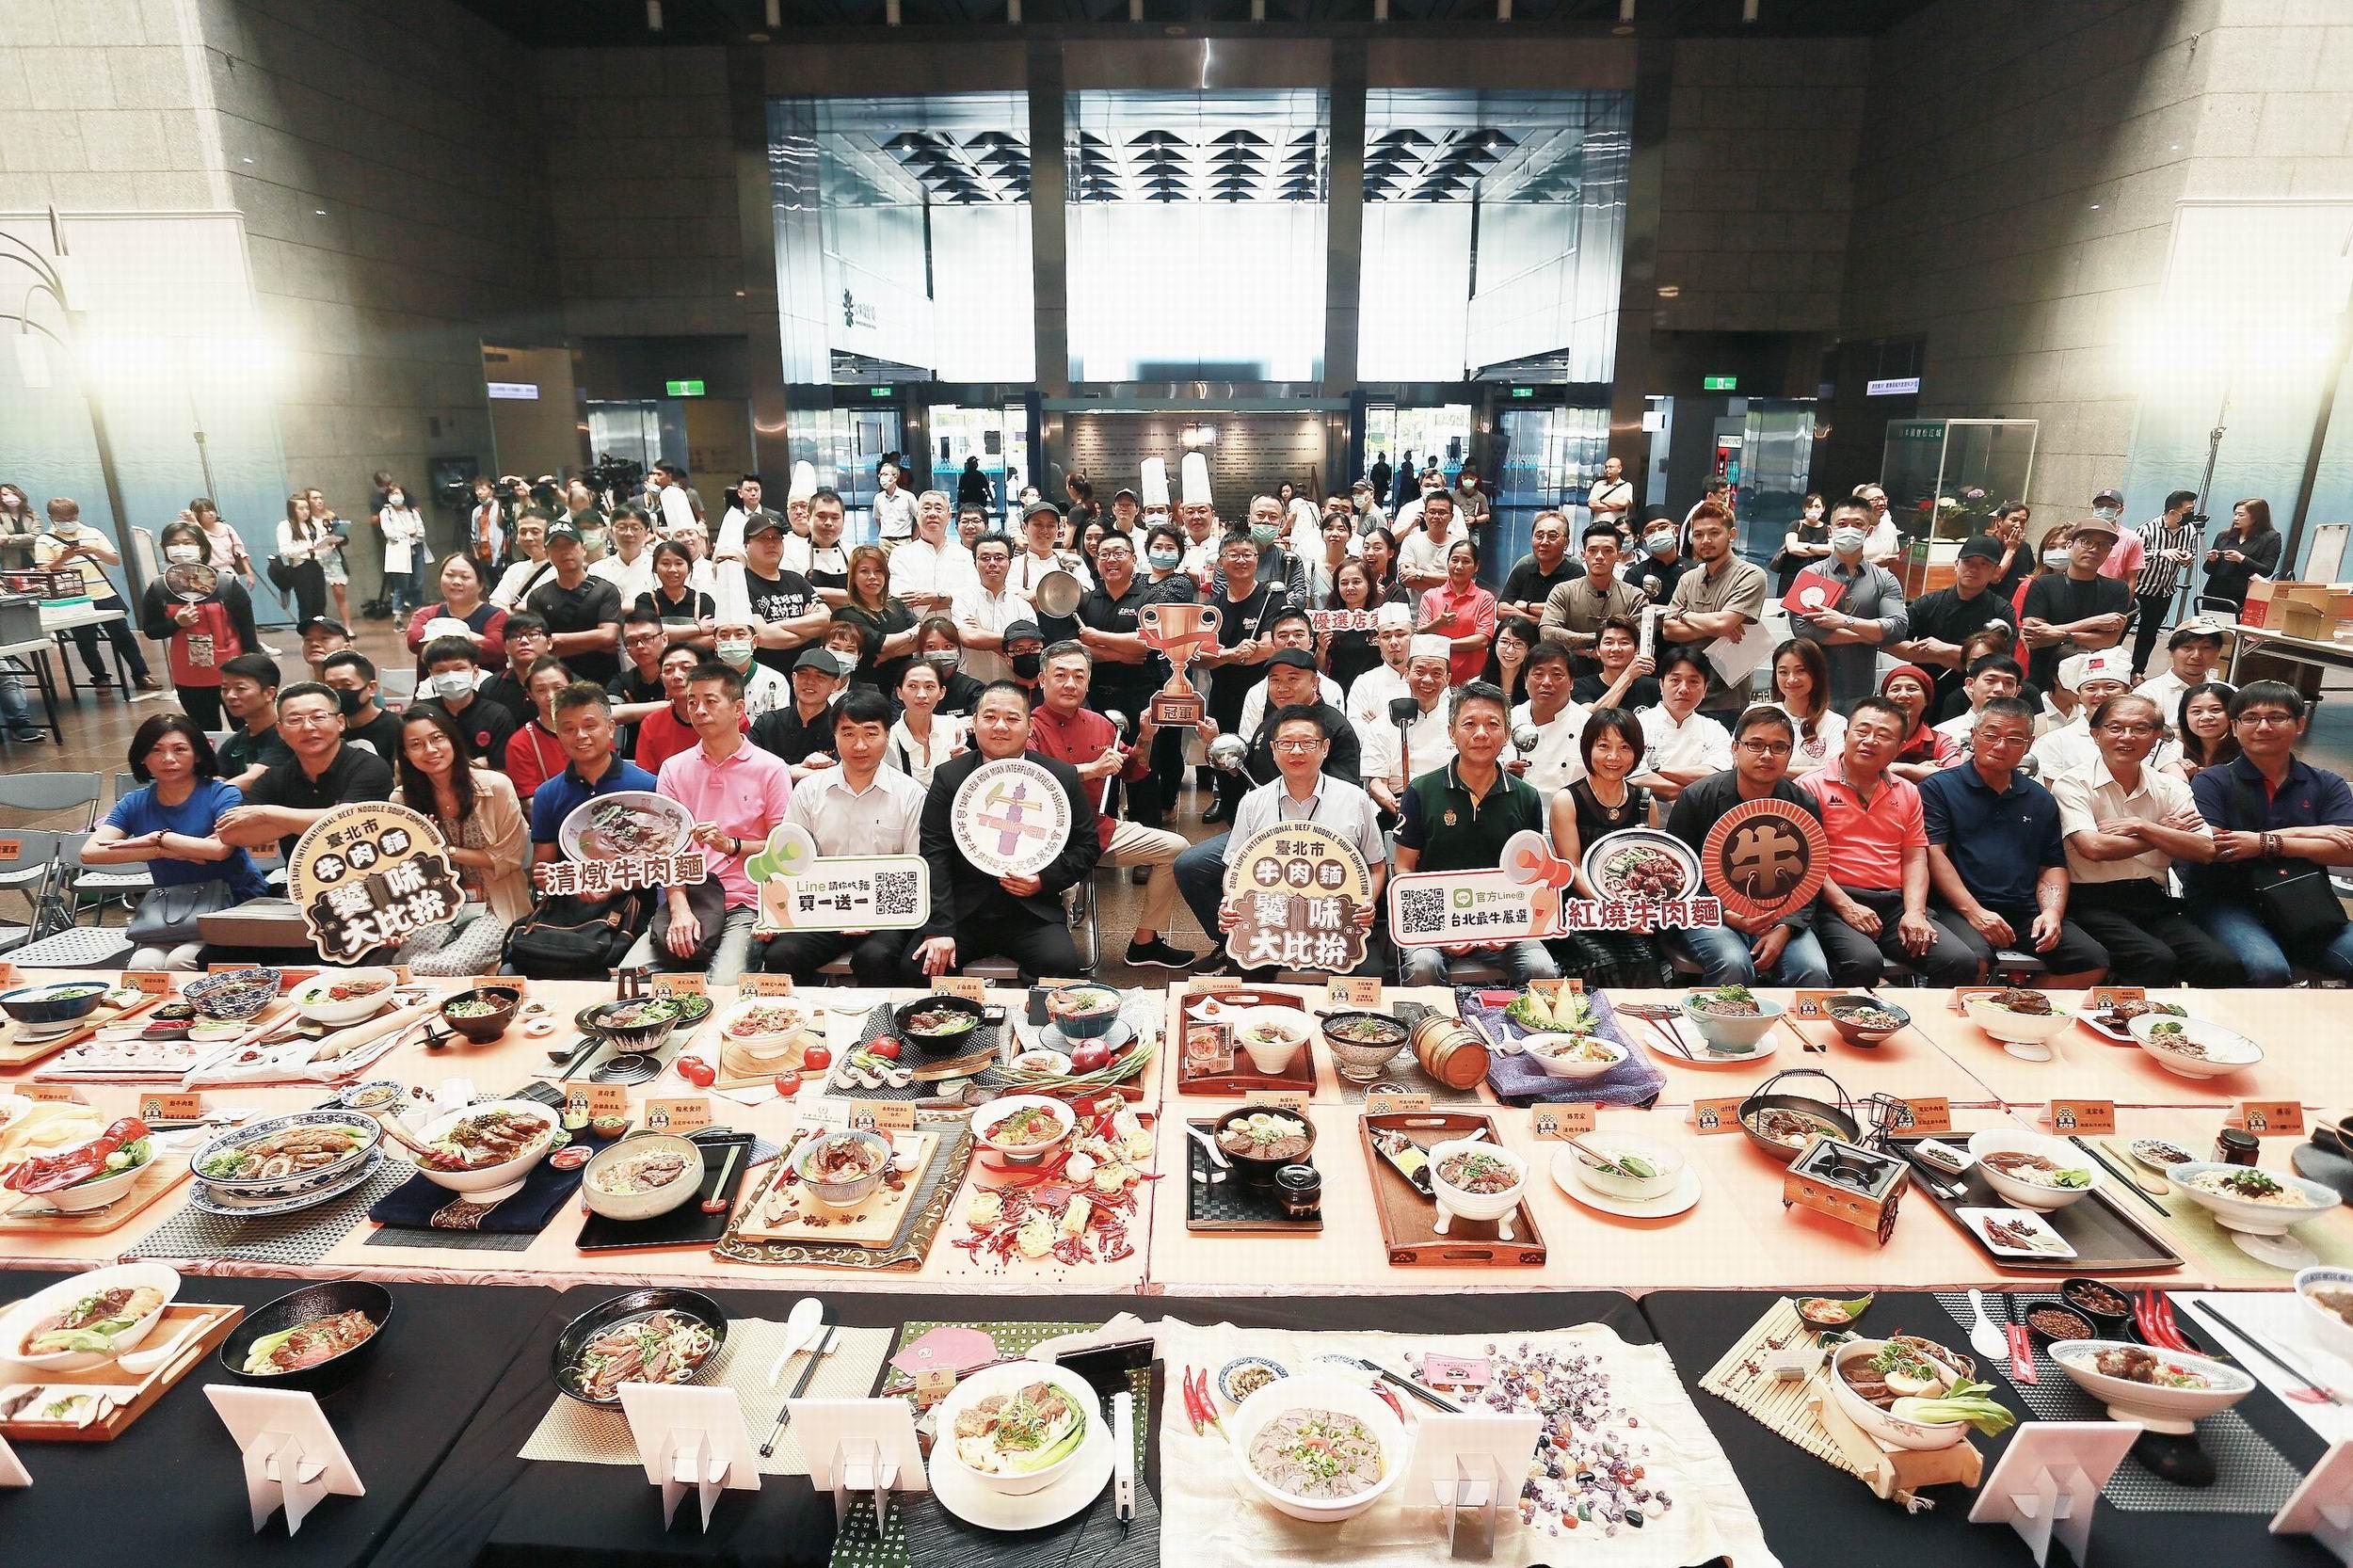 台北市牛肉麵饕味國際大比拚 超過50店家舉湯勺宣告開跑 後疫情時代 牛肉麵店家齊振興 全台優惠大方送